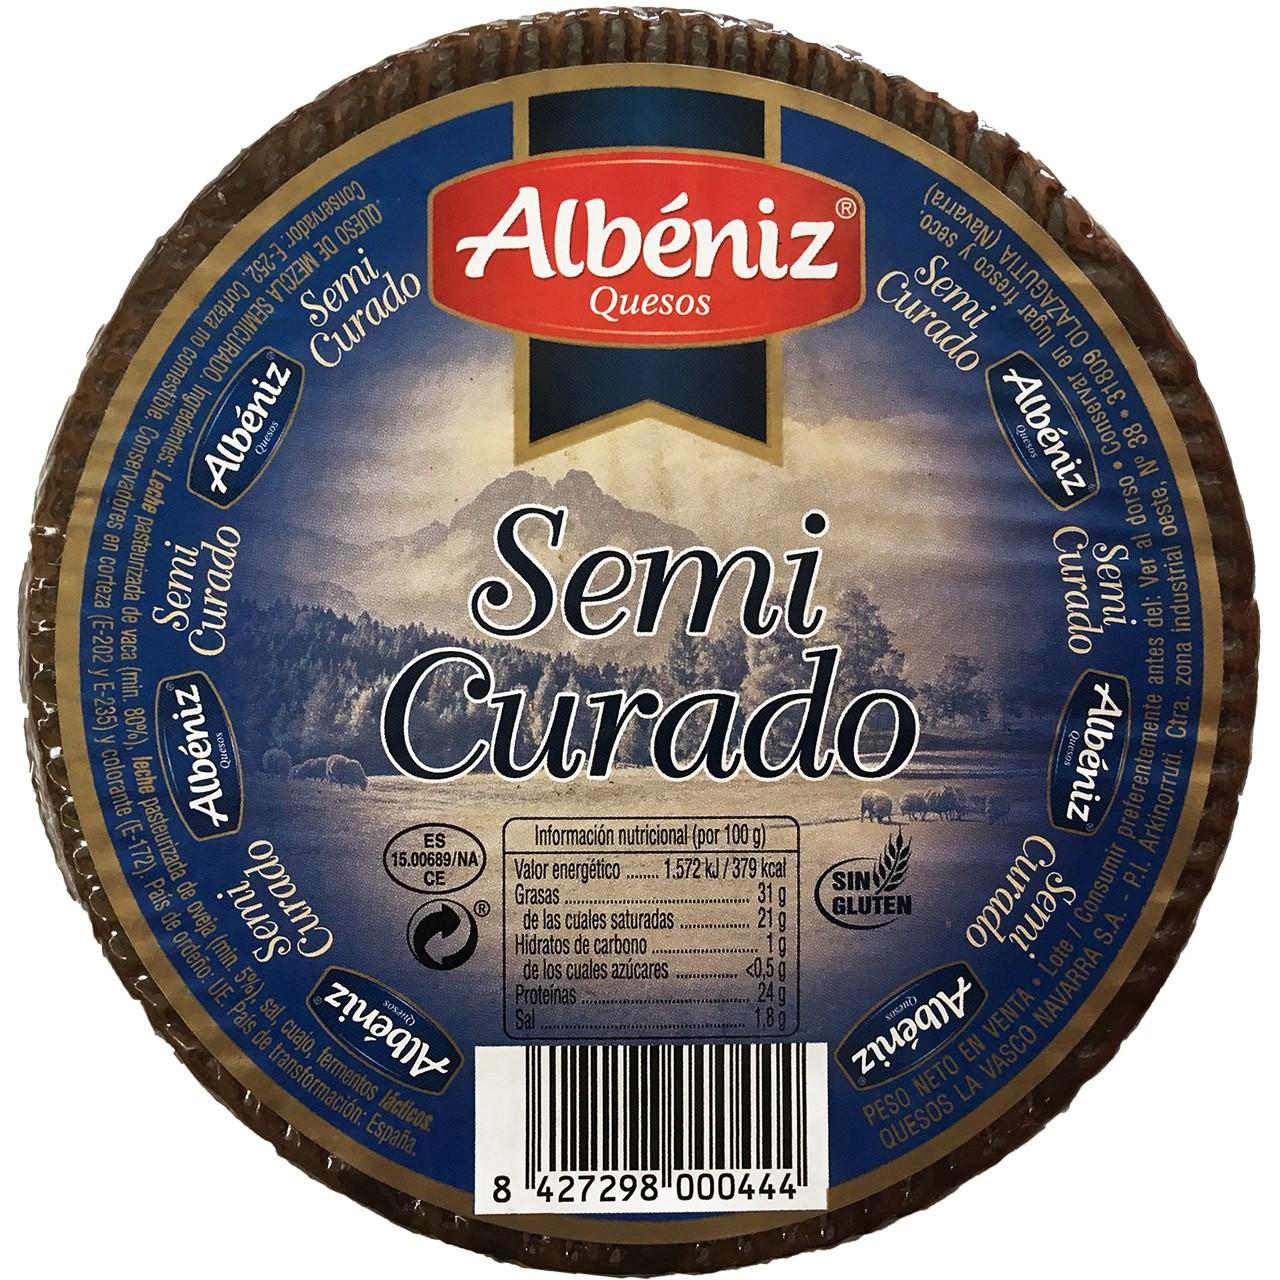 Mischkäse Albeniz 900 gr.